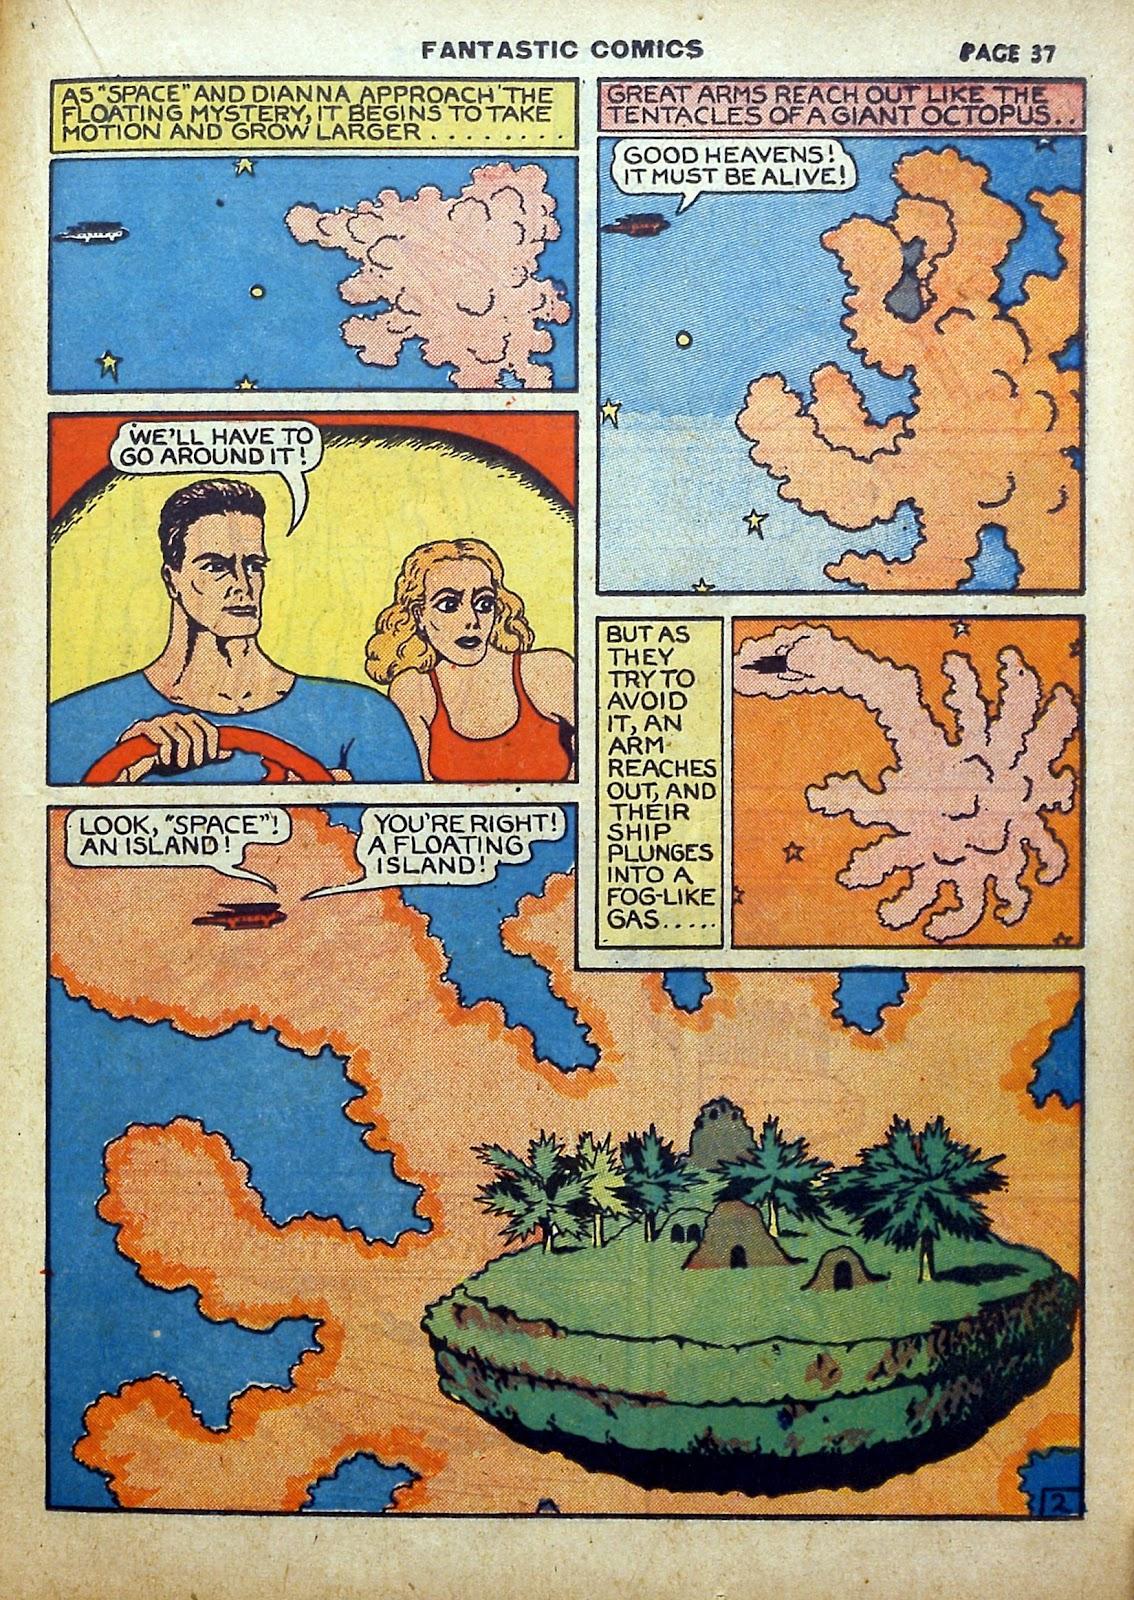 Read online Fantastic Comics comic -  Issue #5 - 38